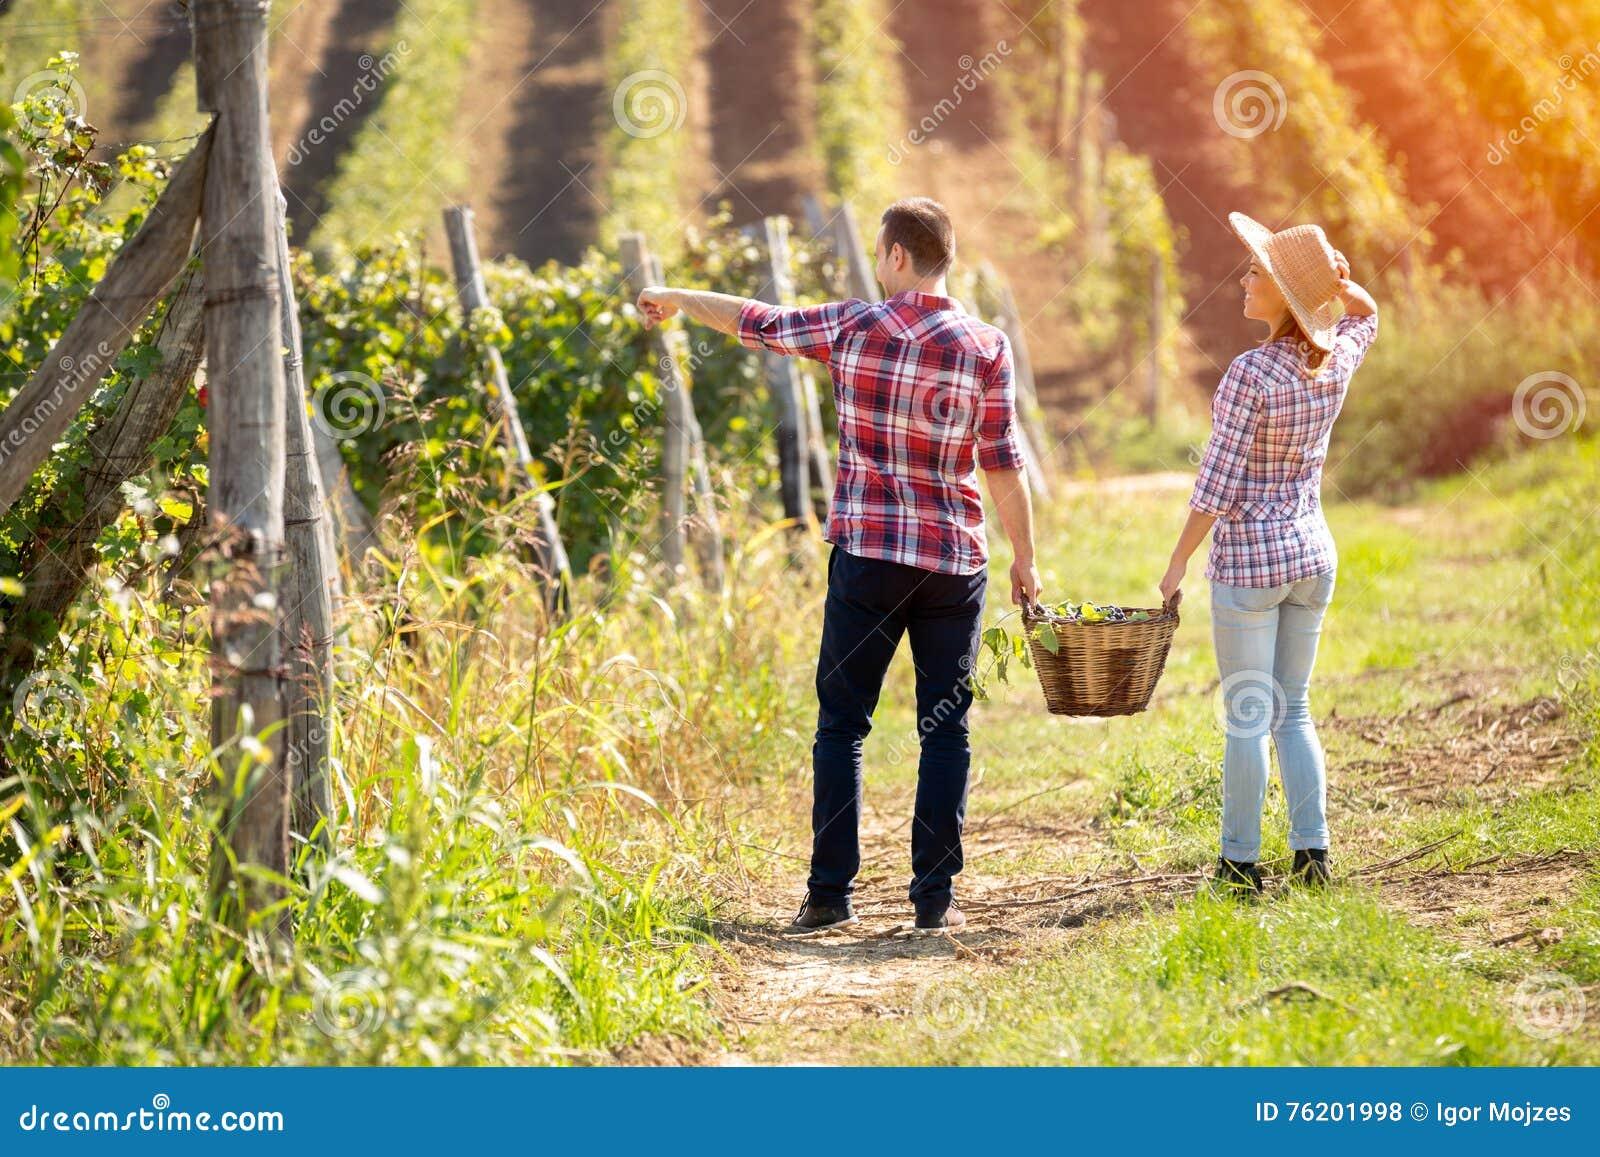 走在葡萄园里的年轻夫妇后面看法